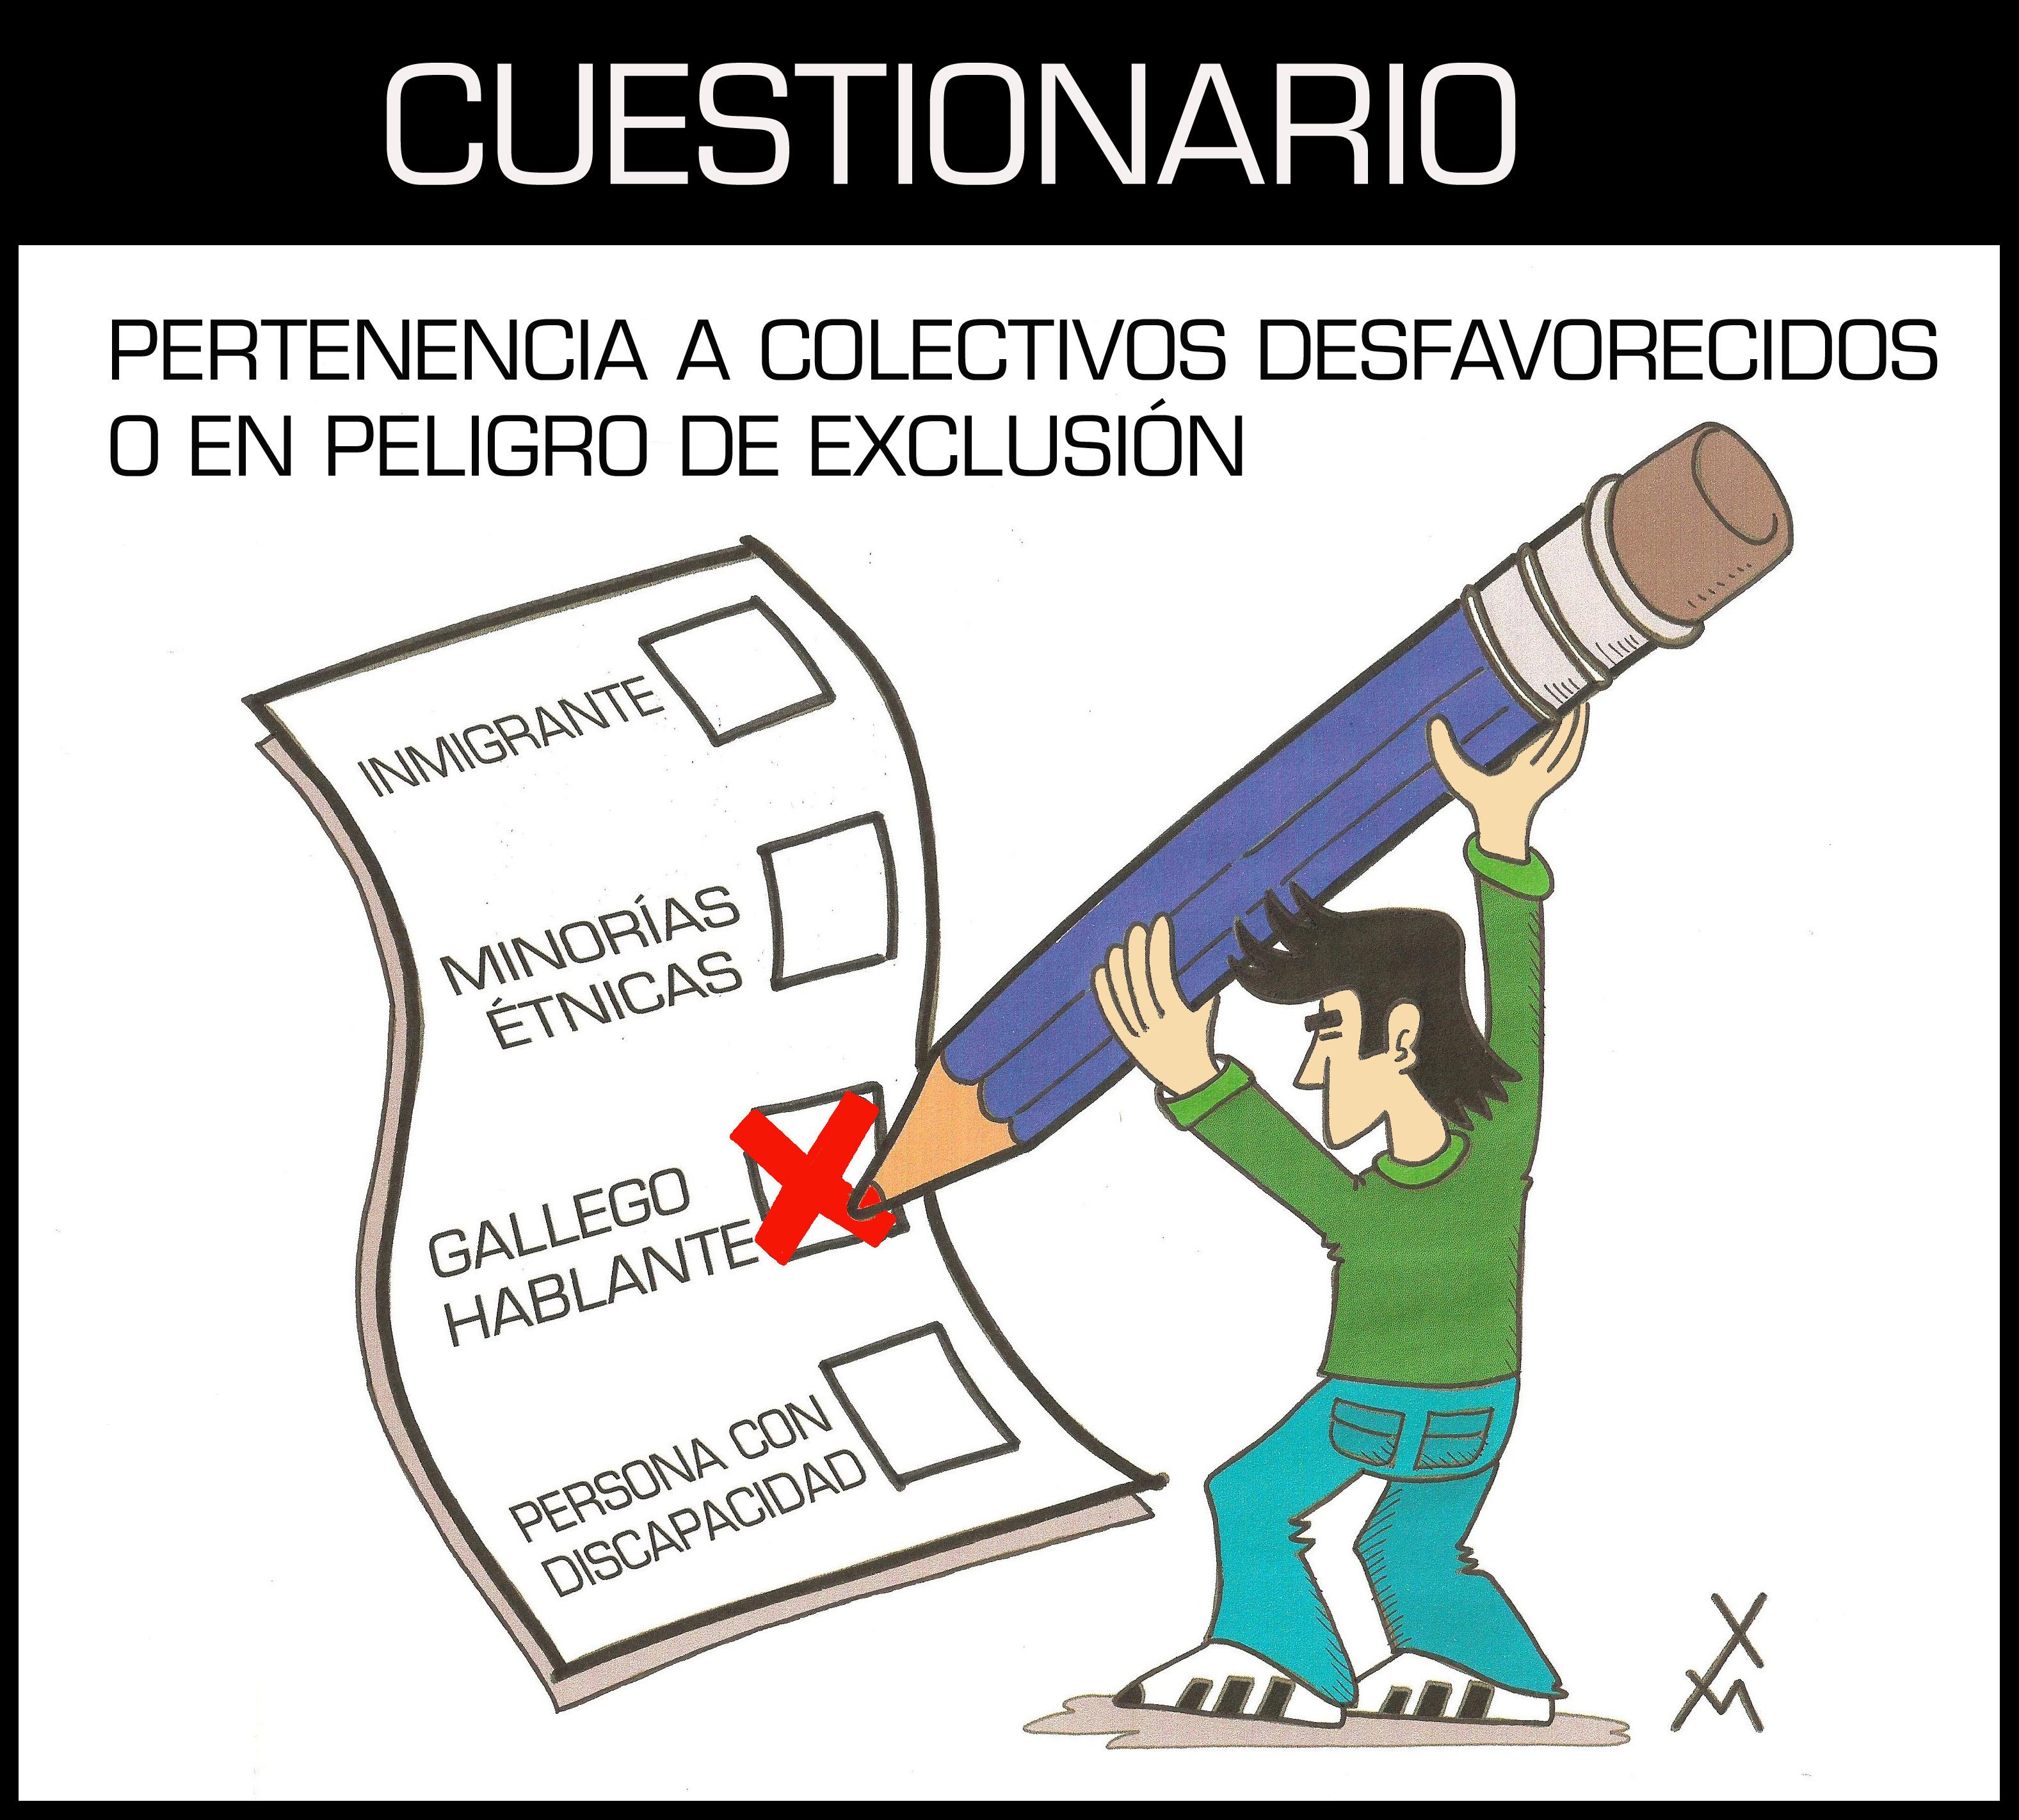 CUESTIONARIO GALEGO